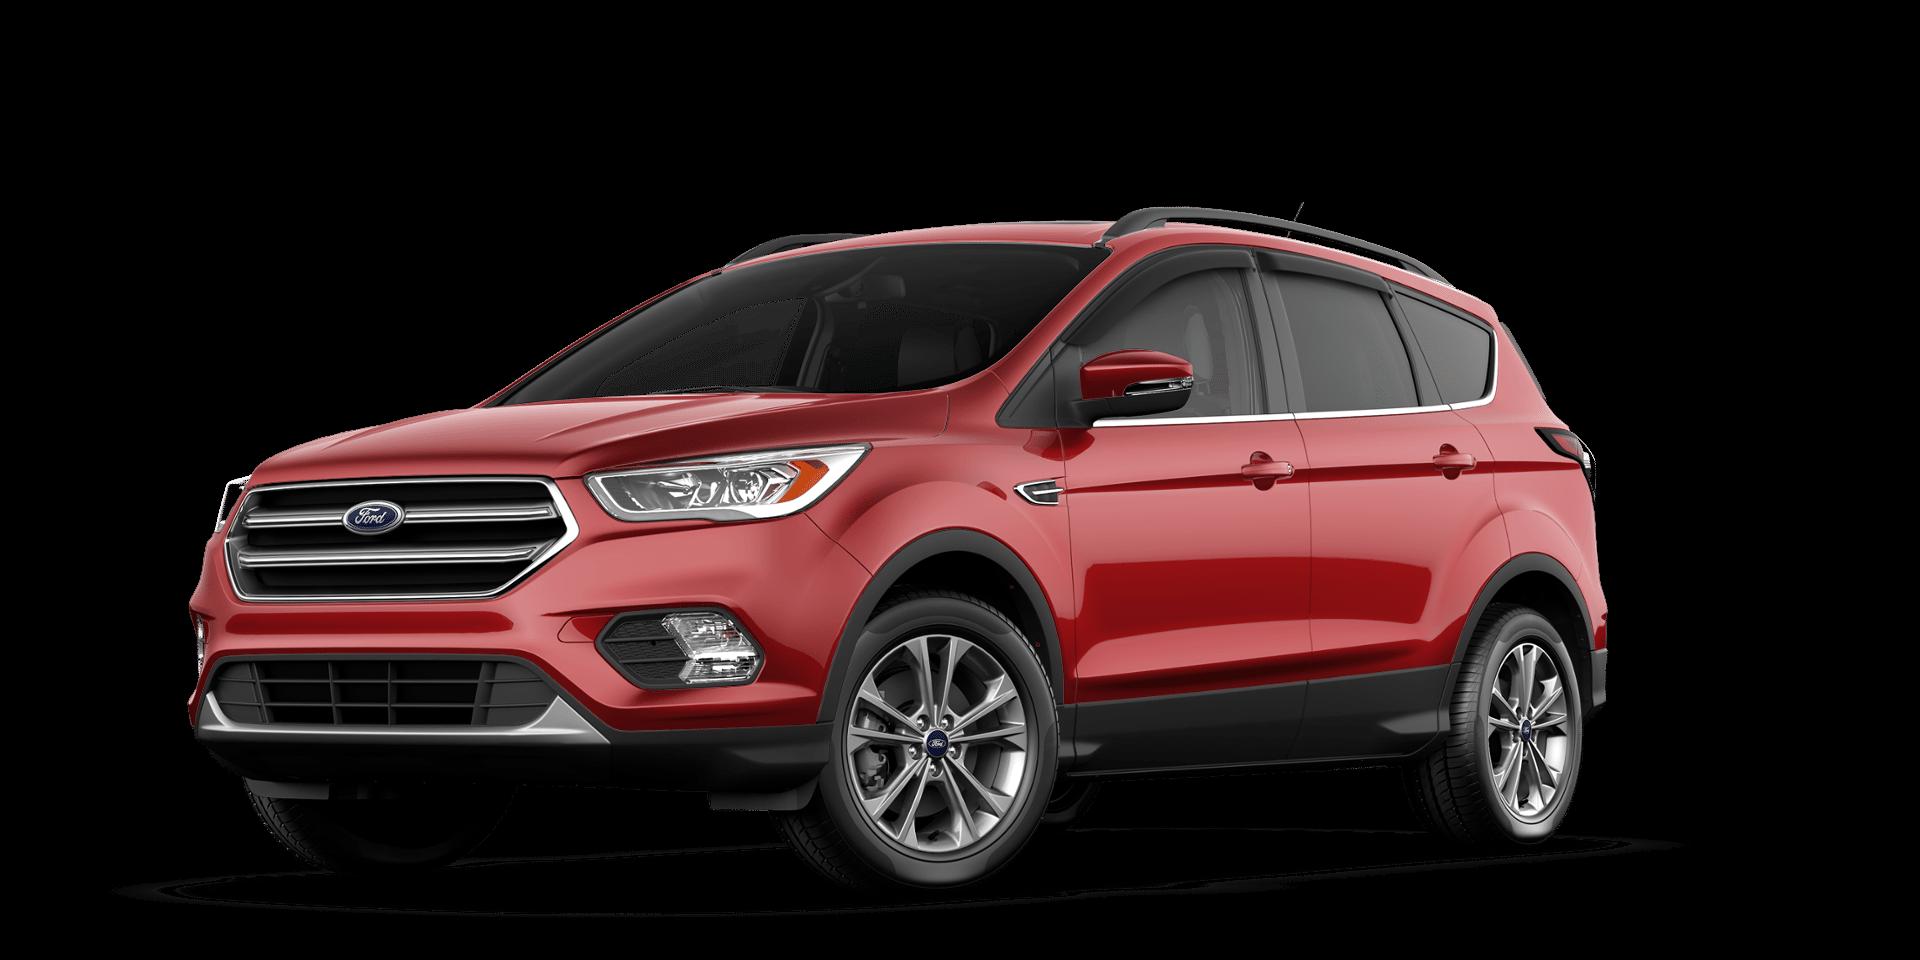 2017 Ford Escape Build Price Ford Escape 2017 Ford Escape